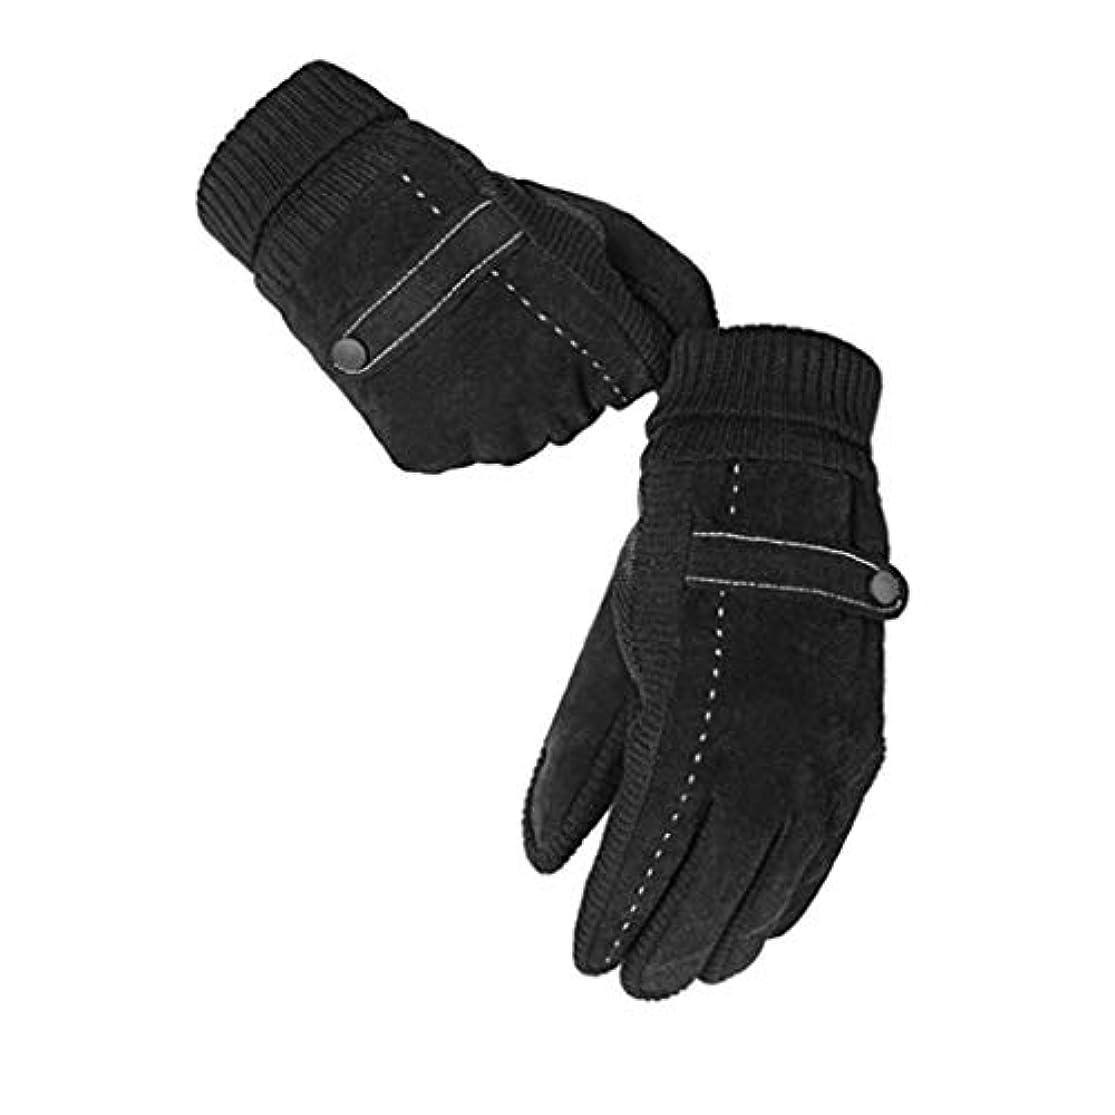 キャンペーン泳ぐ銀手袋の男性の暖かいとベルベットの冬のタッチスクリーン革手袋のオートバイのファッション冷たい手袋